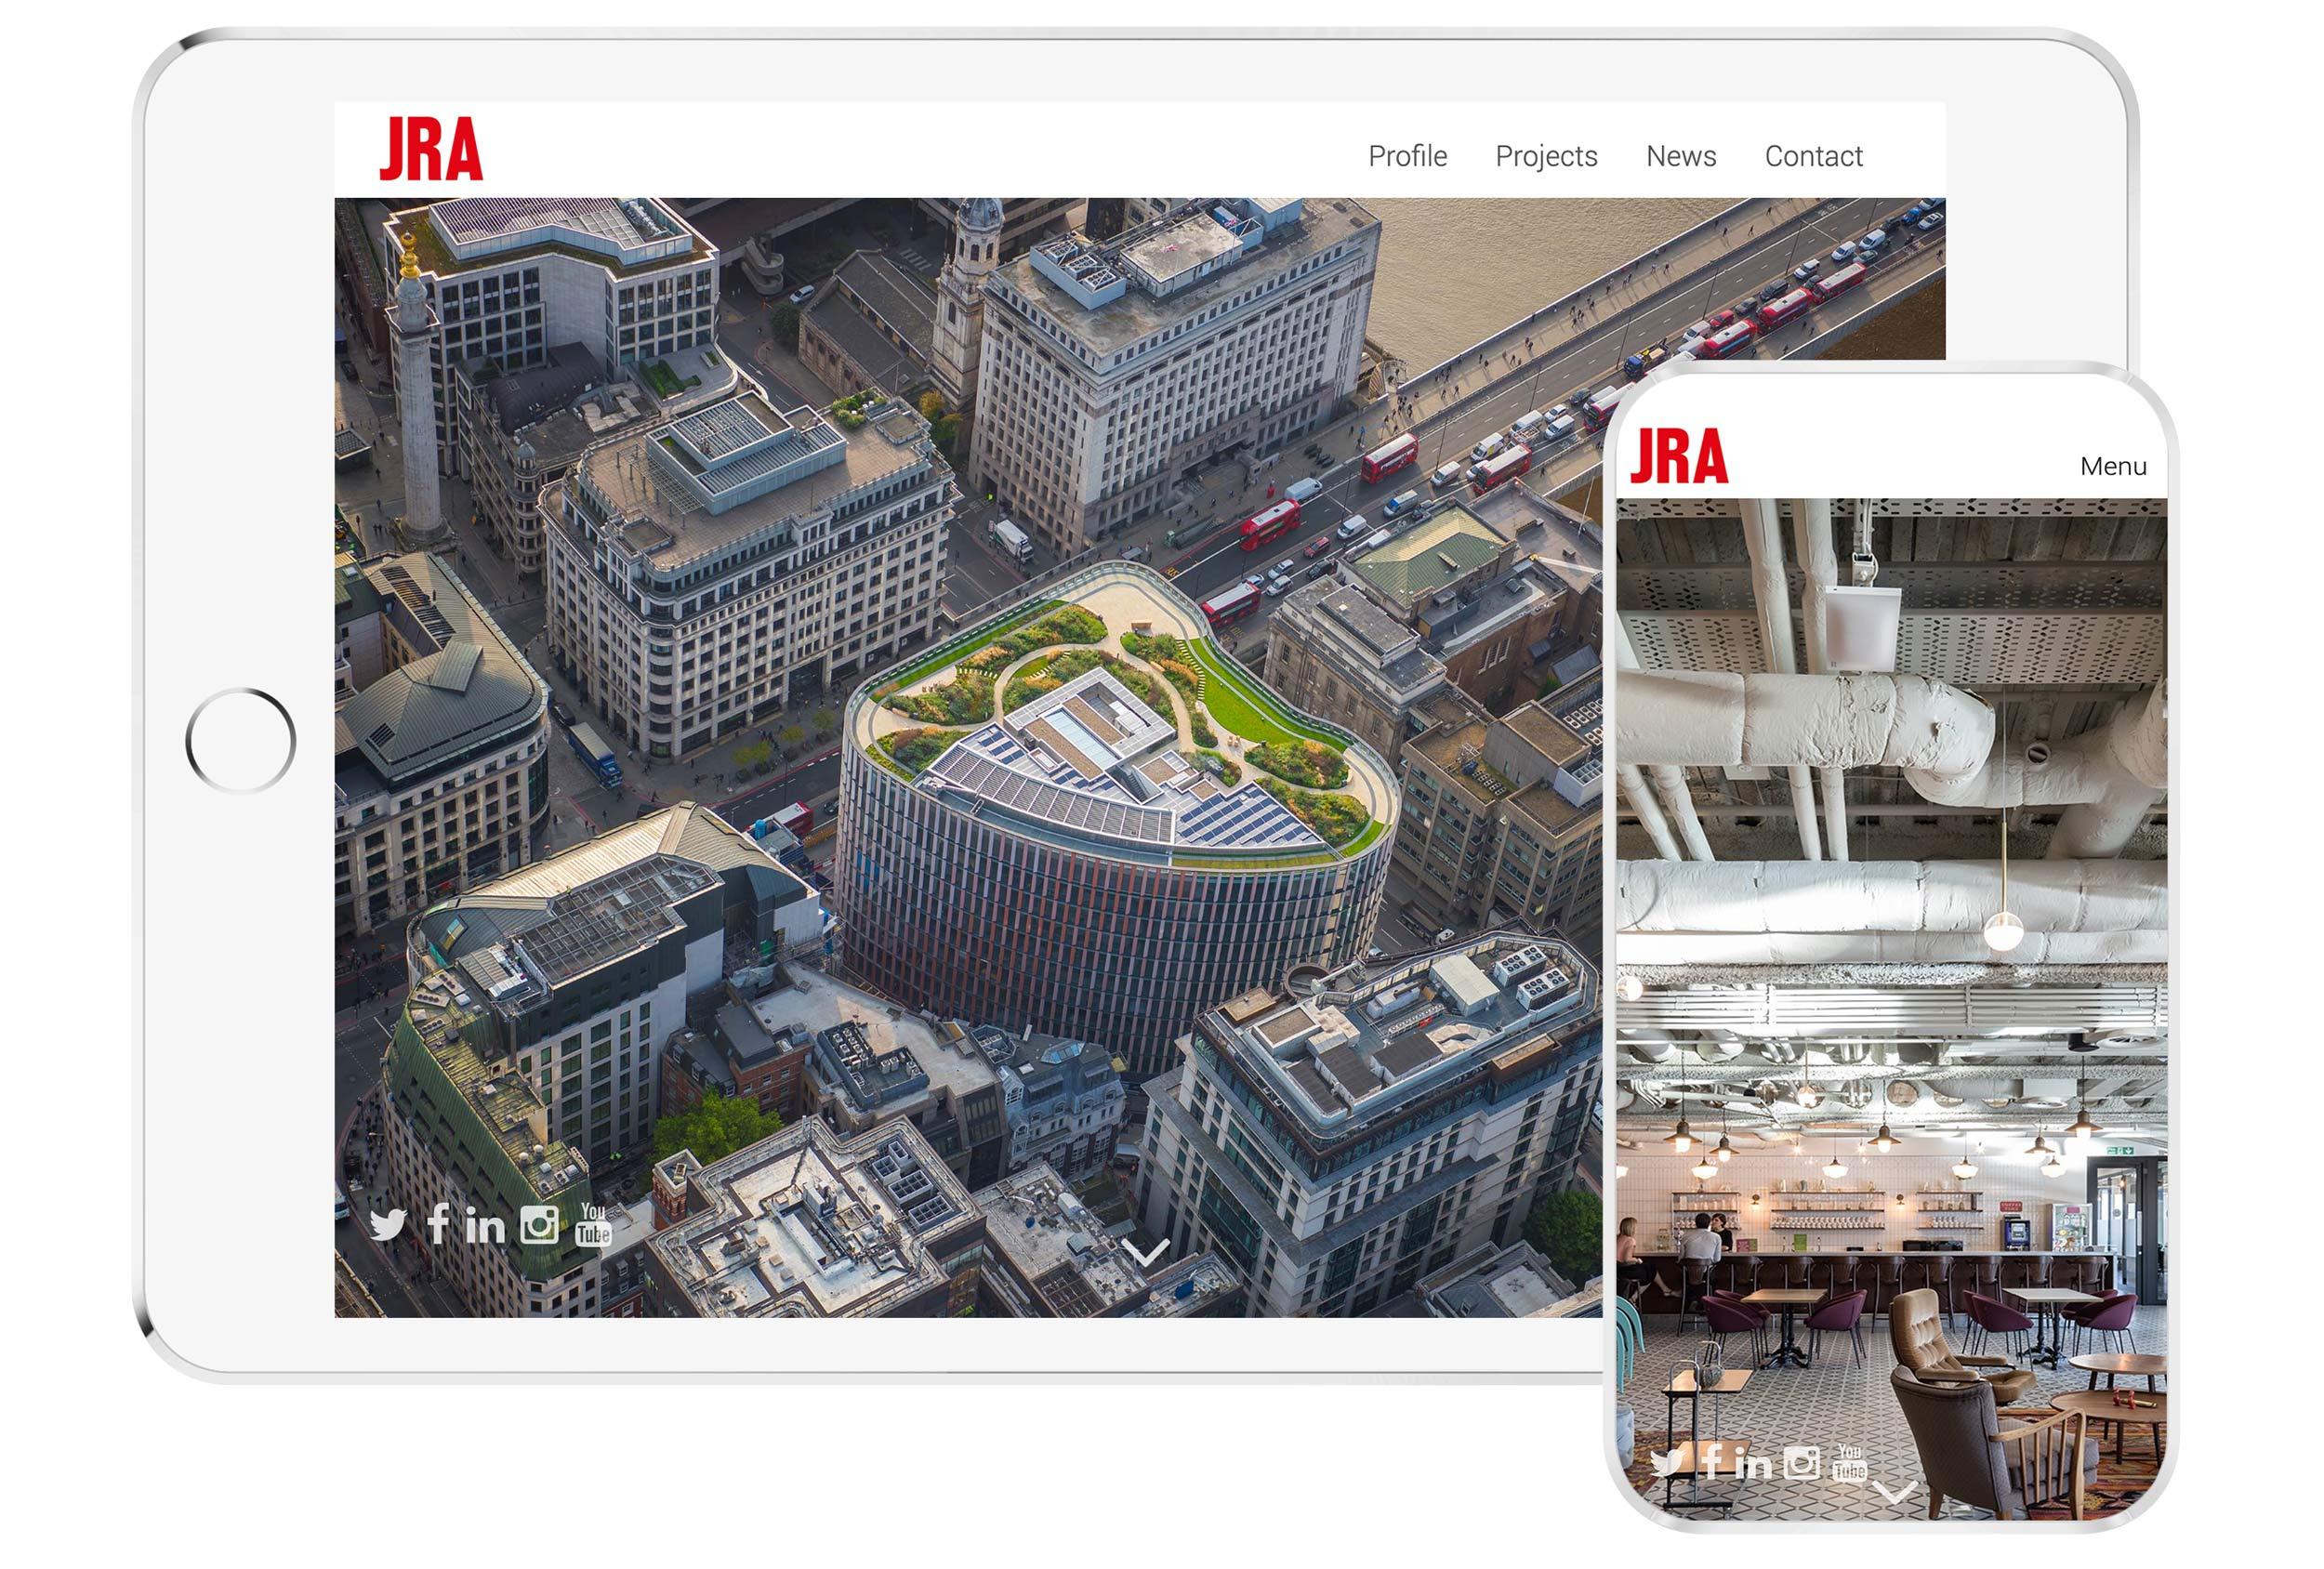 jra property web design website mockup